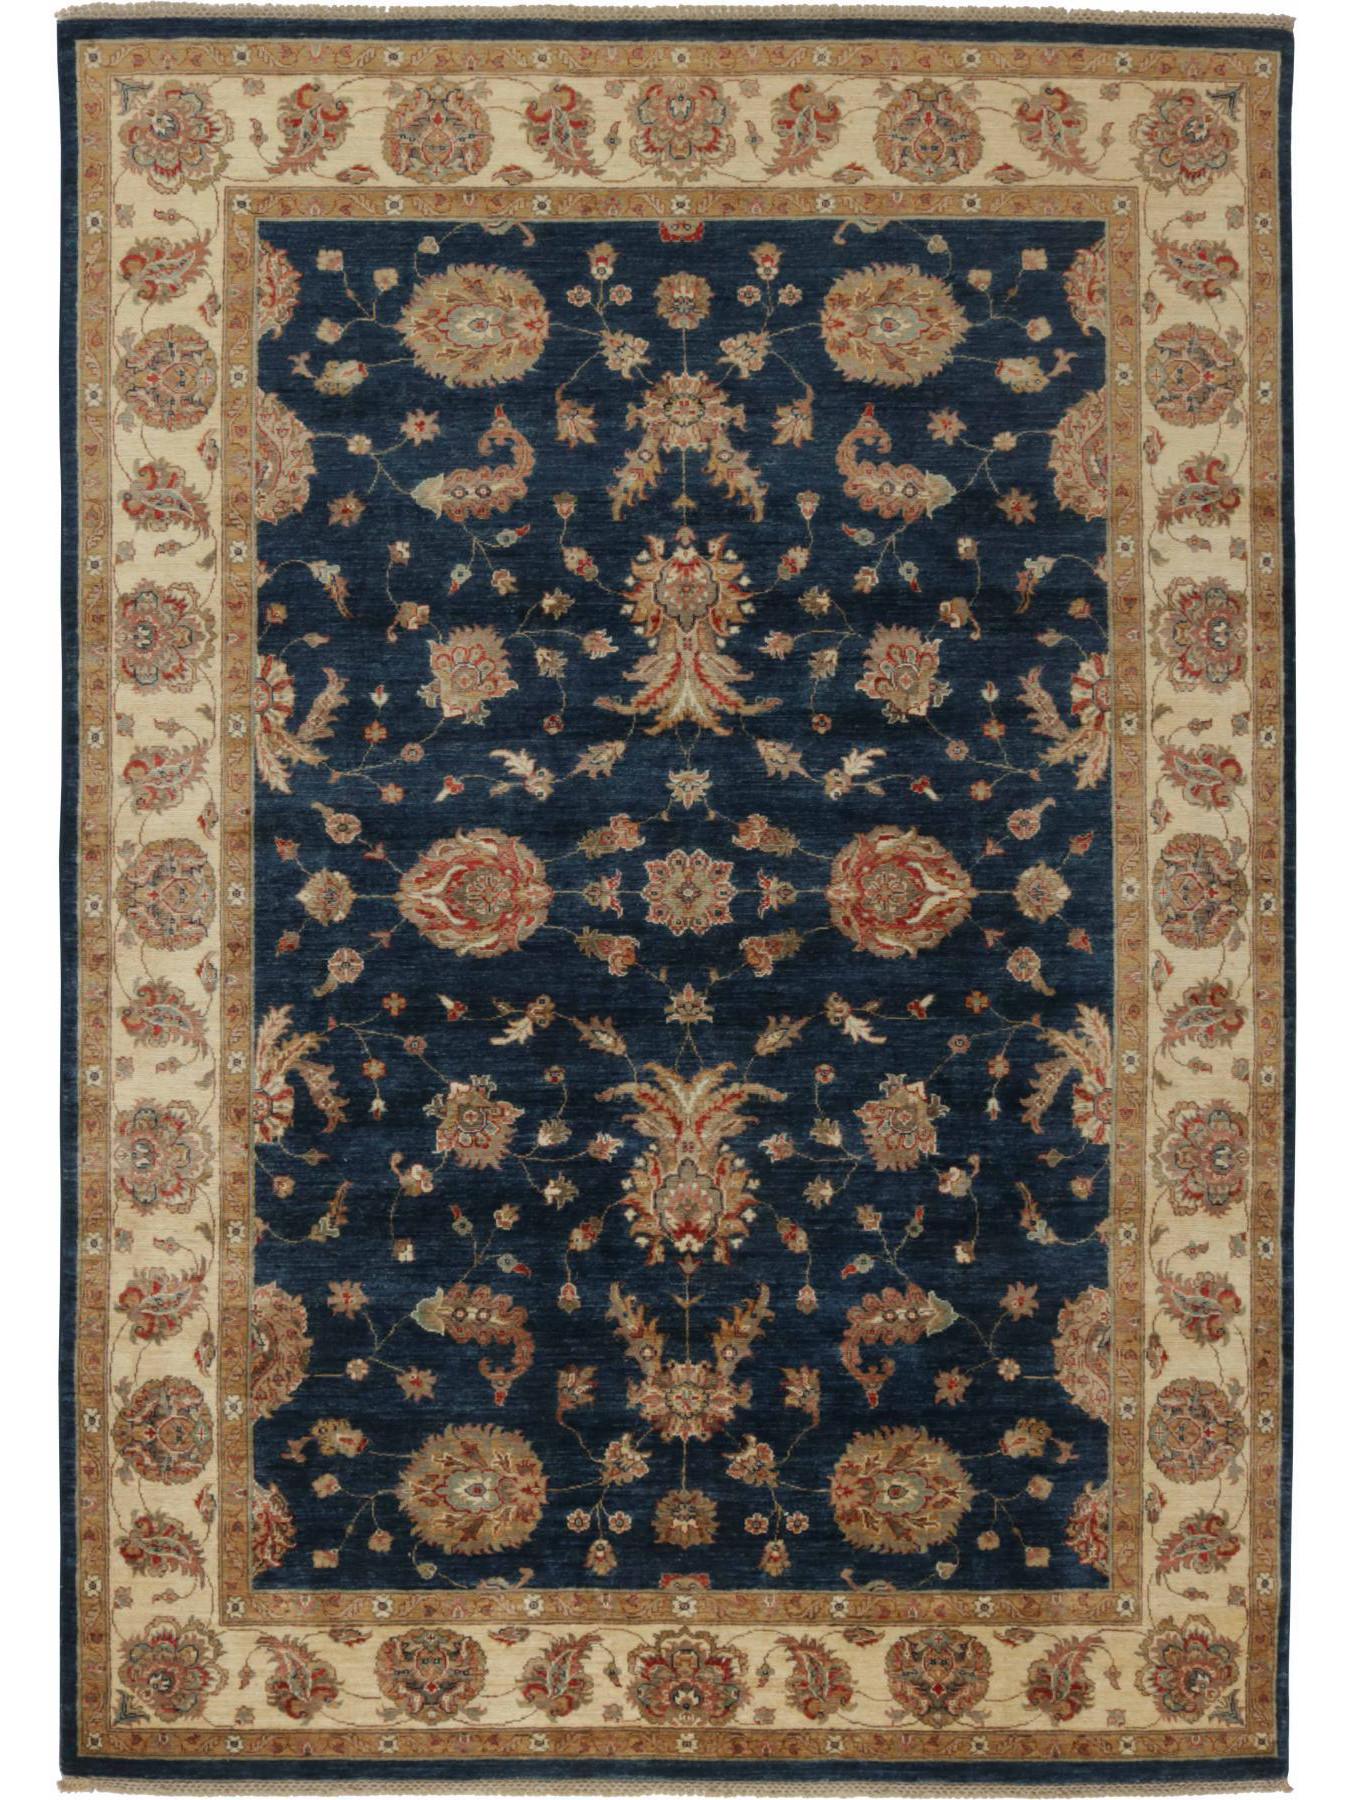 Ziegler tapijten - Ghaznavi neo-classic